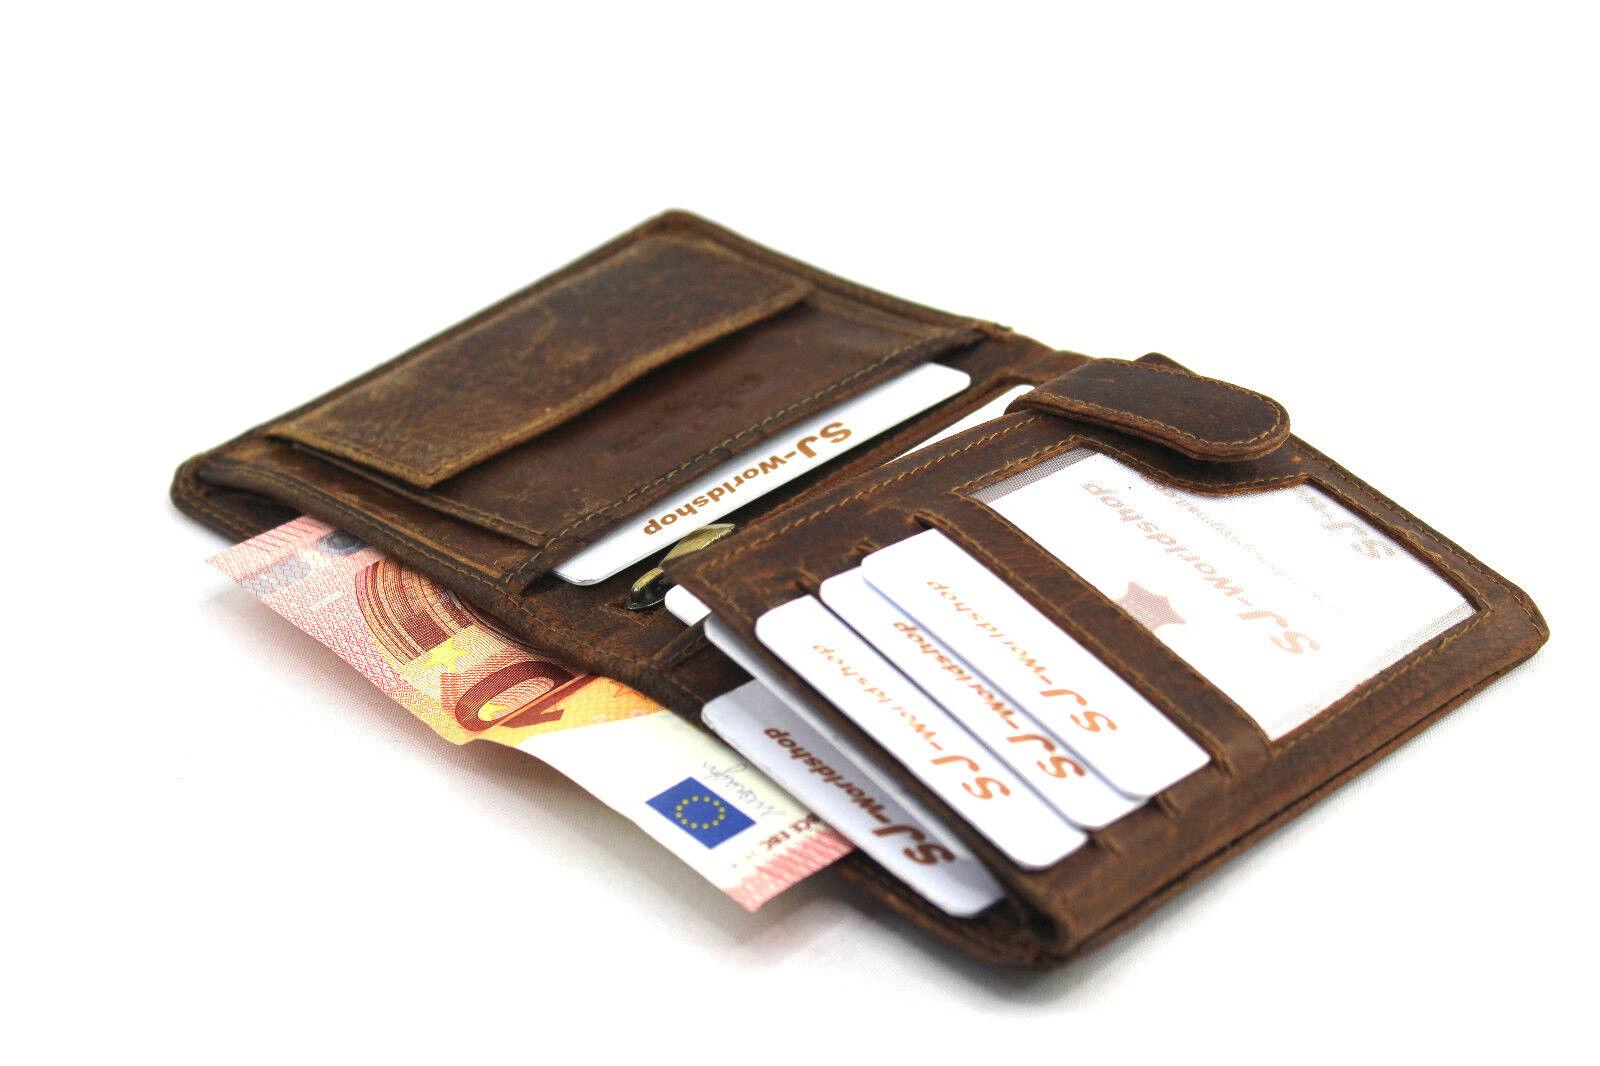 echt leder herren portemonnaie brieftasche geldb rse. Black Bedroom Furniture Sets. Home Design Ideas